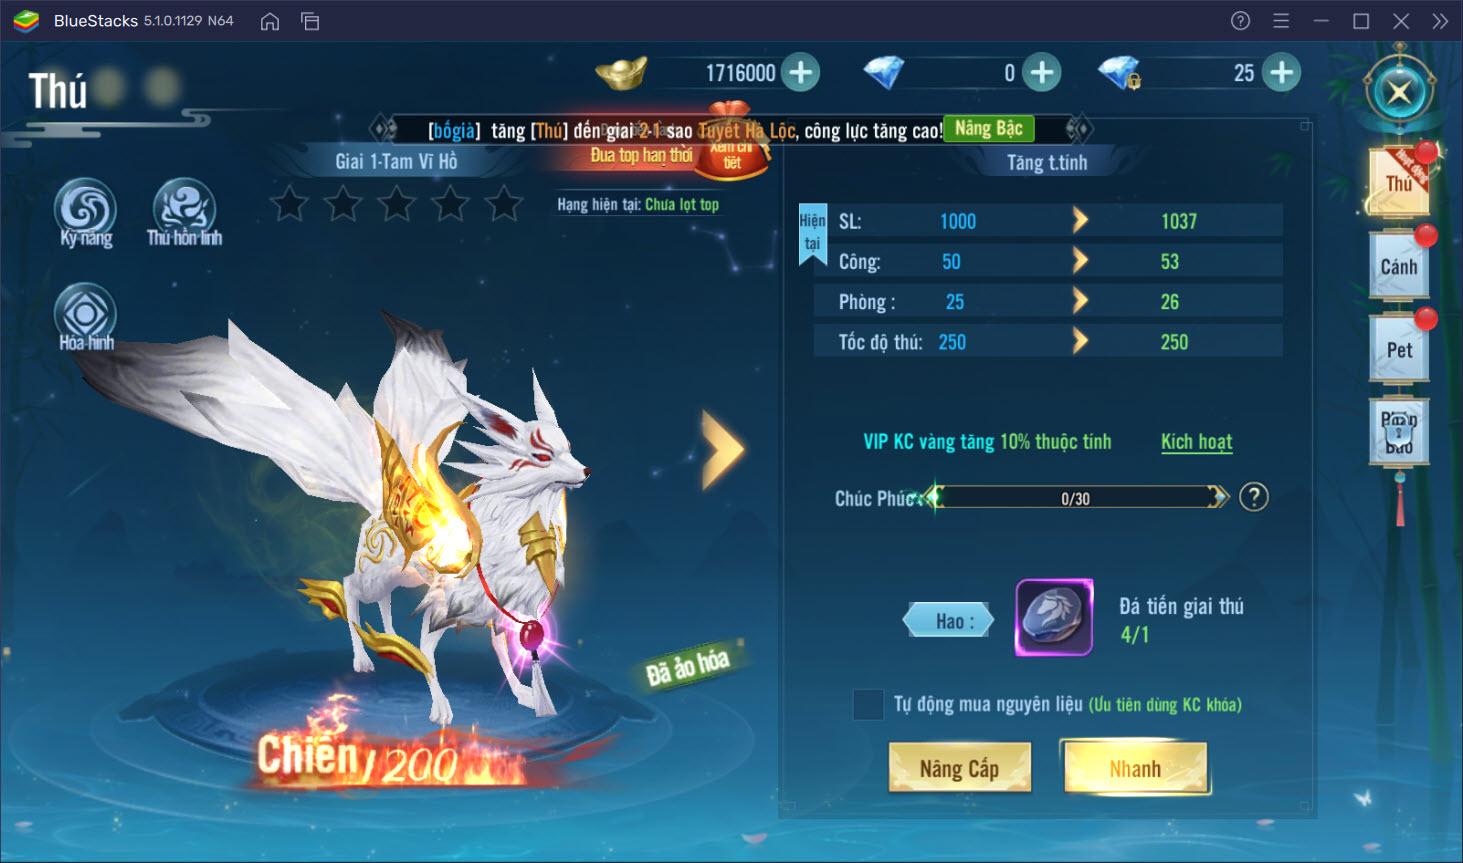 Tham gia thiện ác tranh đấu trong Giang Hồ Ngũ Tuyệt trên PC